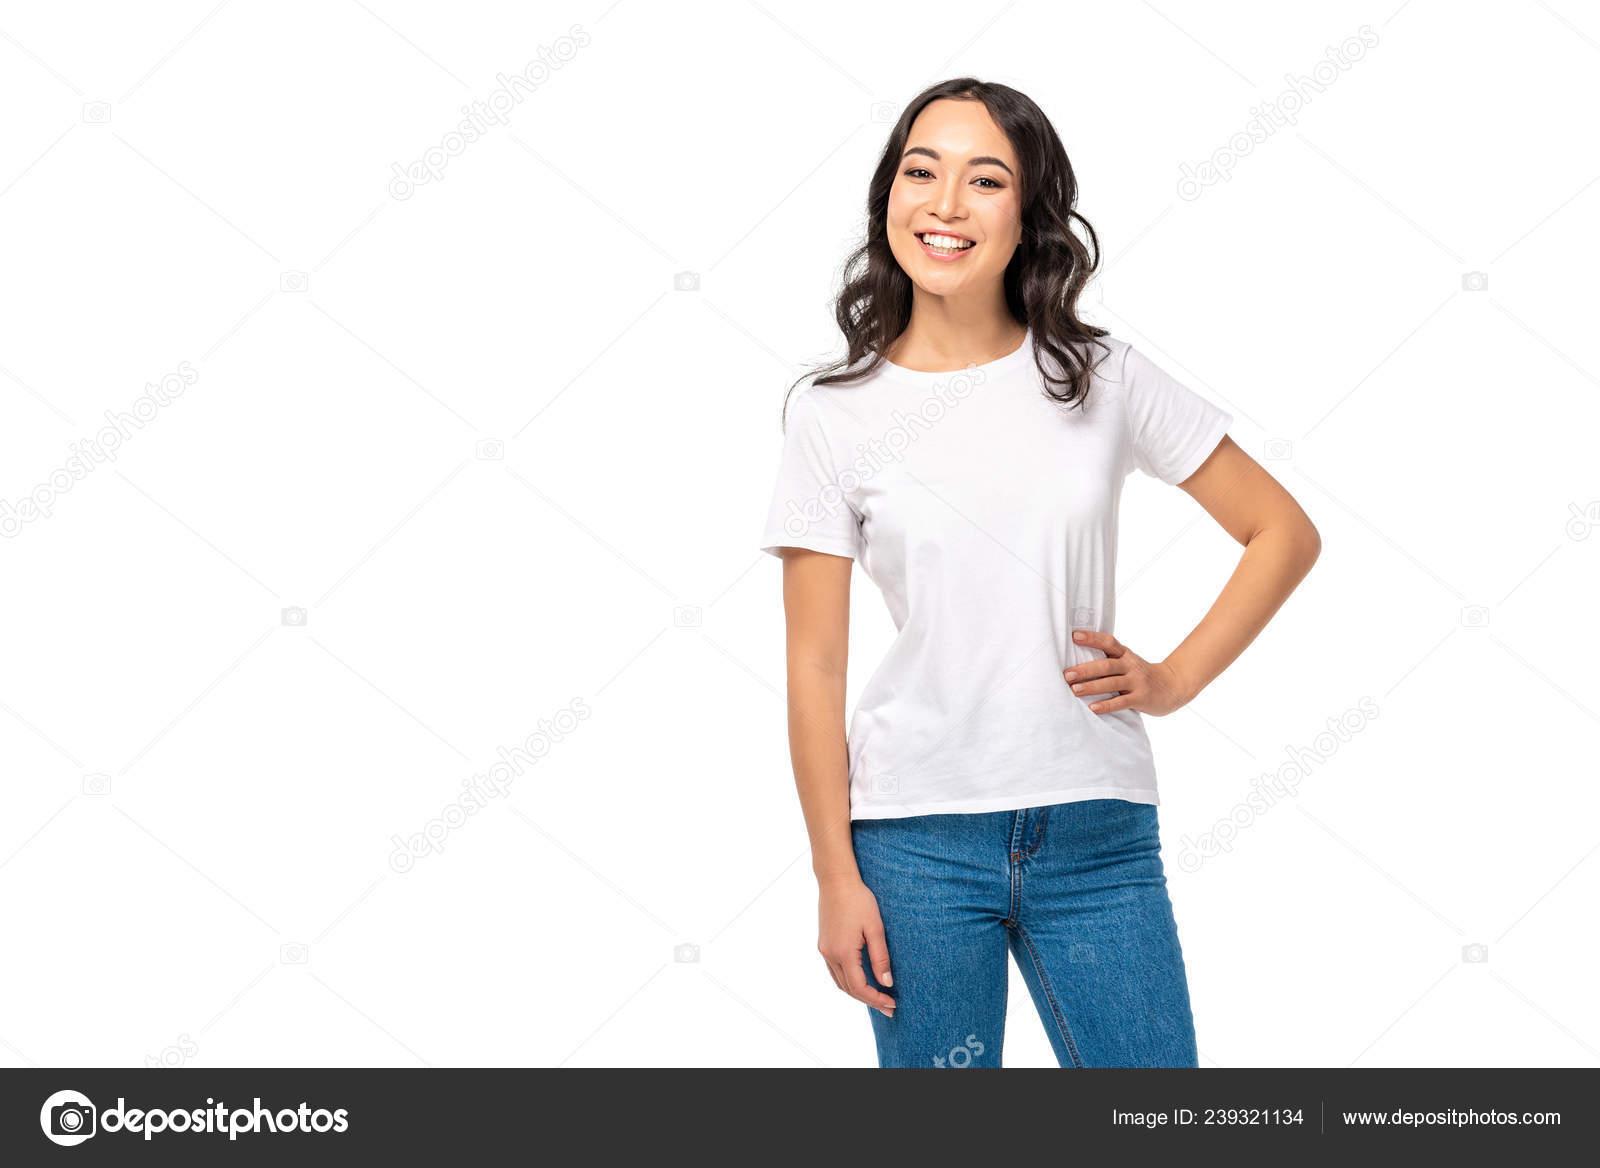 Телки в белых футболках, как